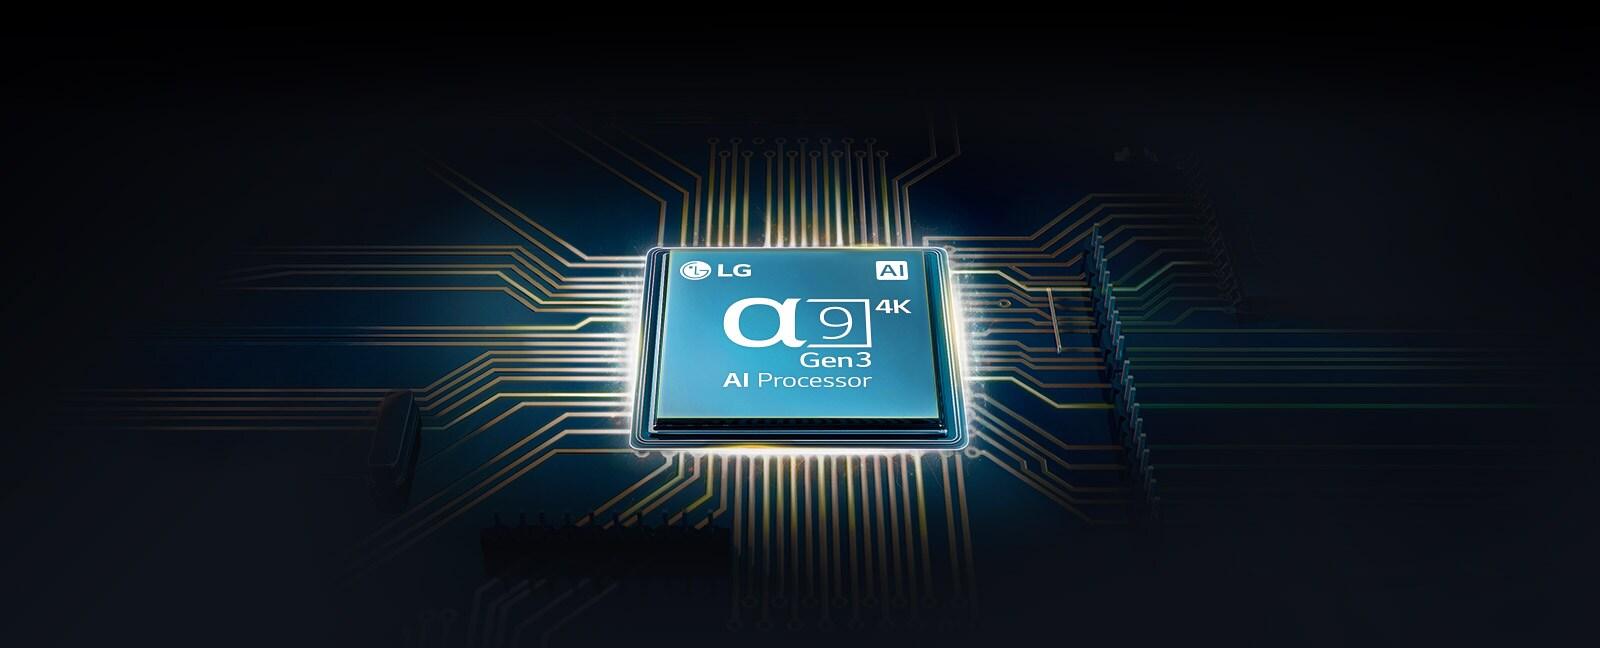 LG OLED77GXPTA a9 gen processor